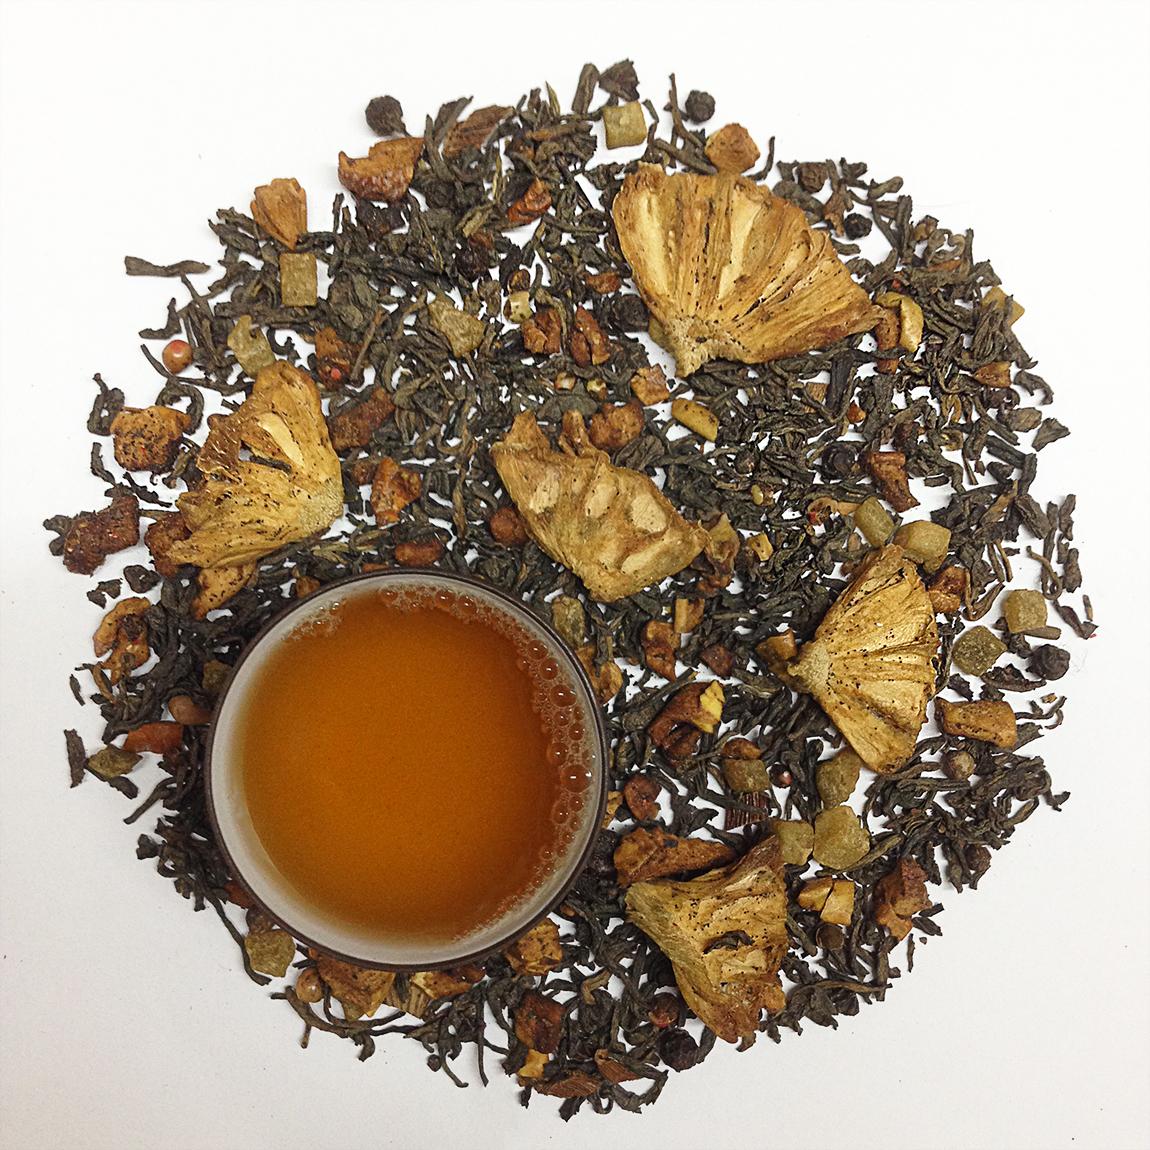 Grilled Pineapple Black Tea